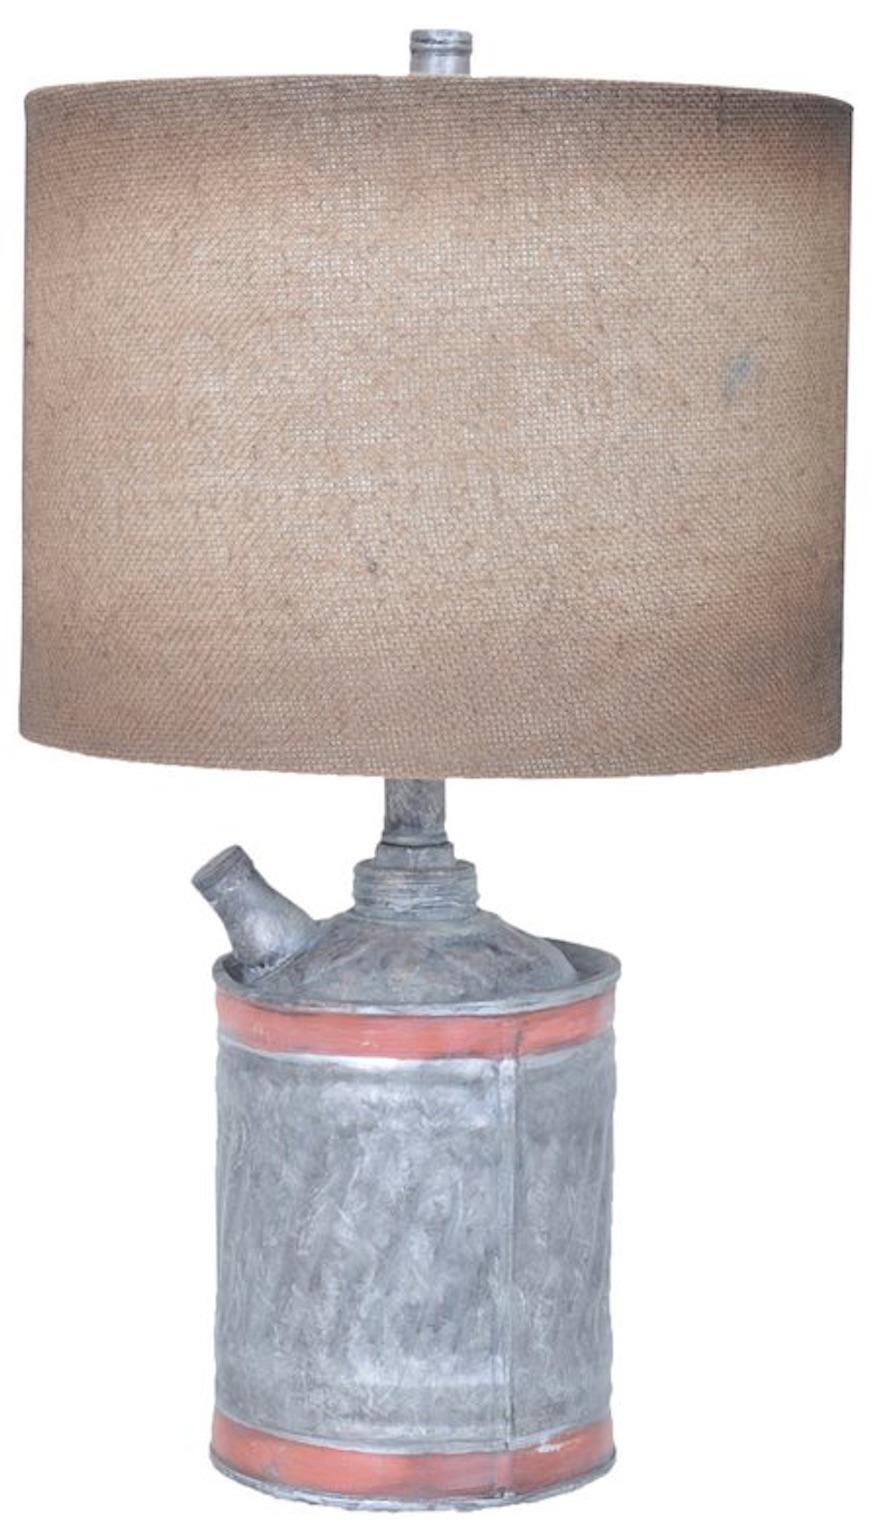 33 Simple Farmhouse Table Lamps Cowell Table Lamp #Farmhouse #FarmhouseTableLamps #FarmhouseLighting #RusticDecor #CountryDecor #FarmhouseDecor